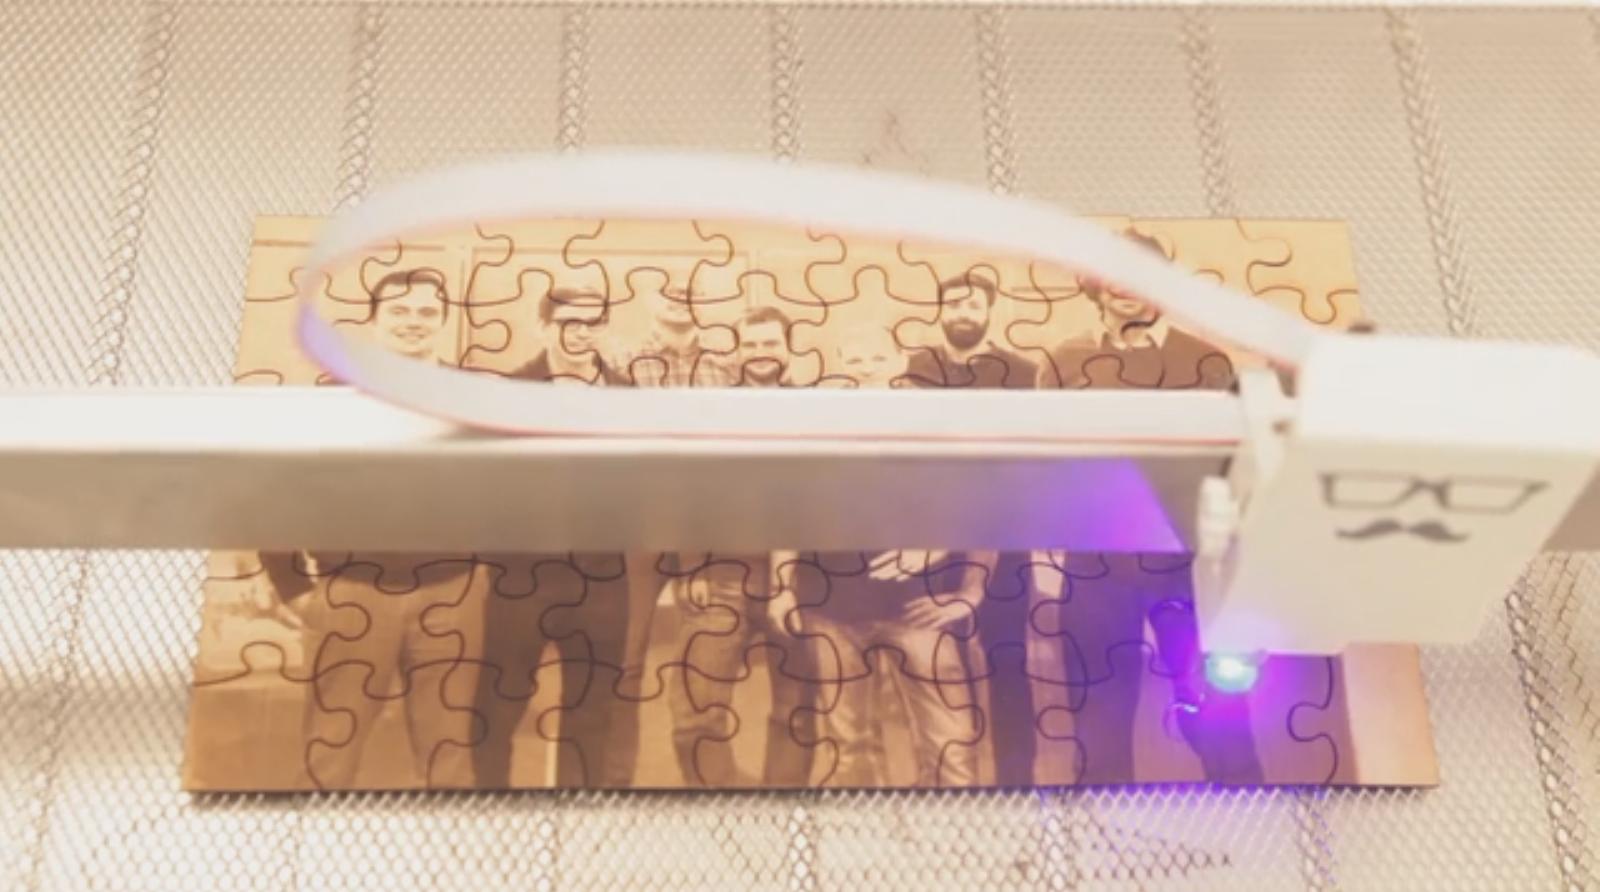 Lasercutter Geht Durch Die Decke Mr Beam Ii Auf